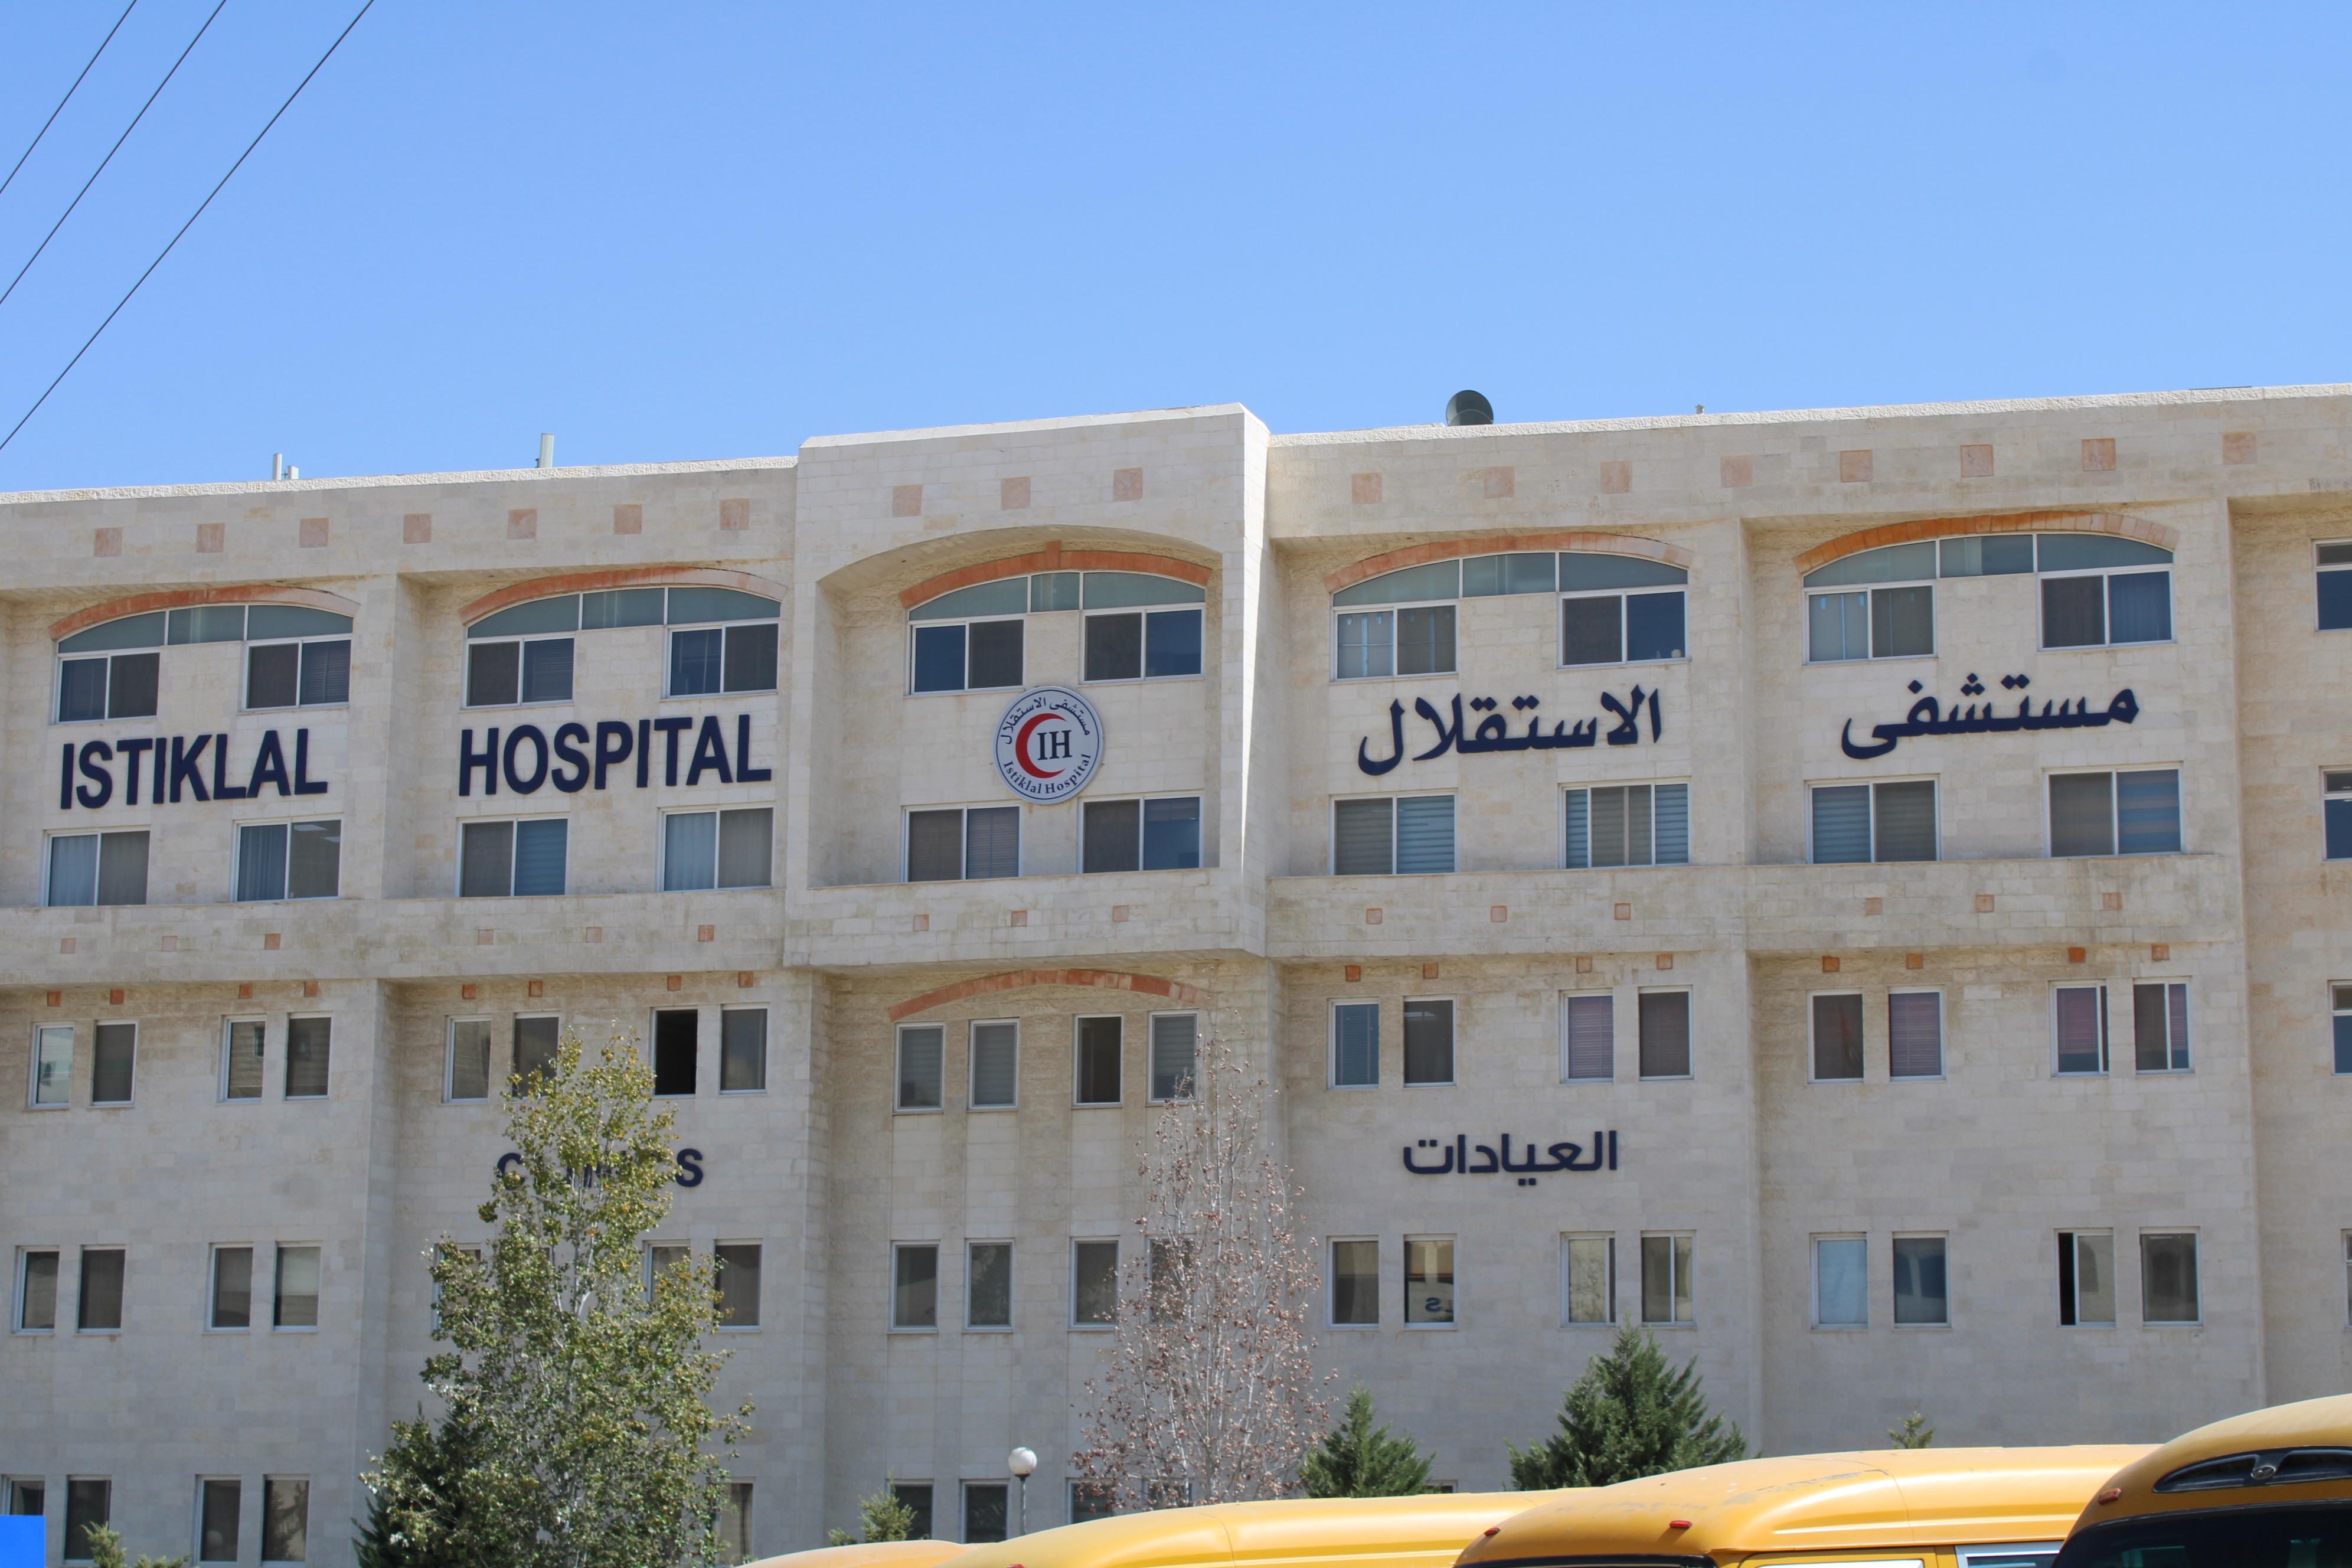 مستشفى الاستقلال ..  قوة استثمارية ضاربة في القطاع الطبي والسياحة العلاجية